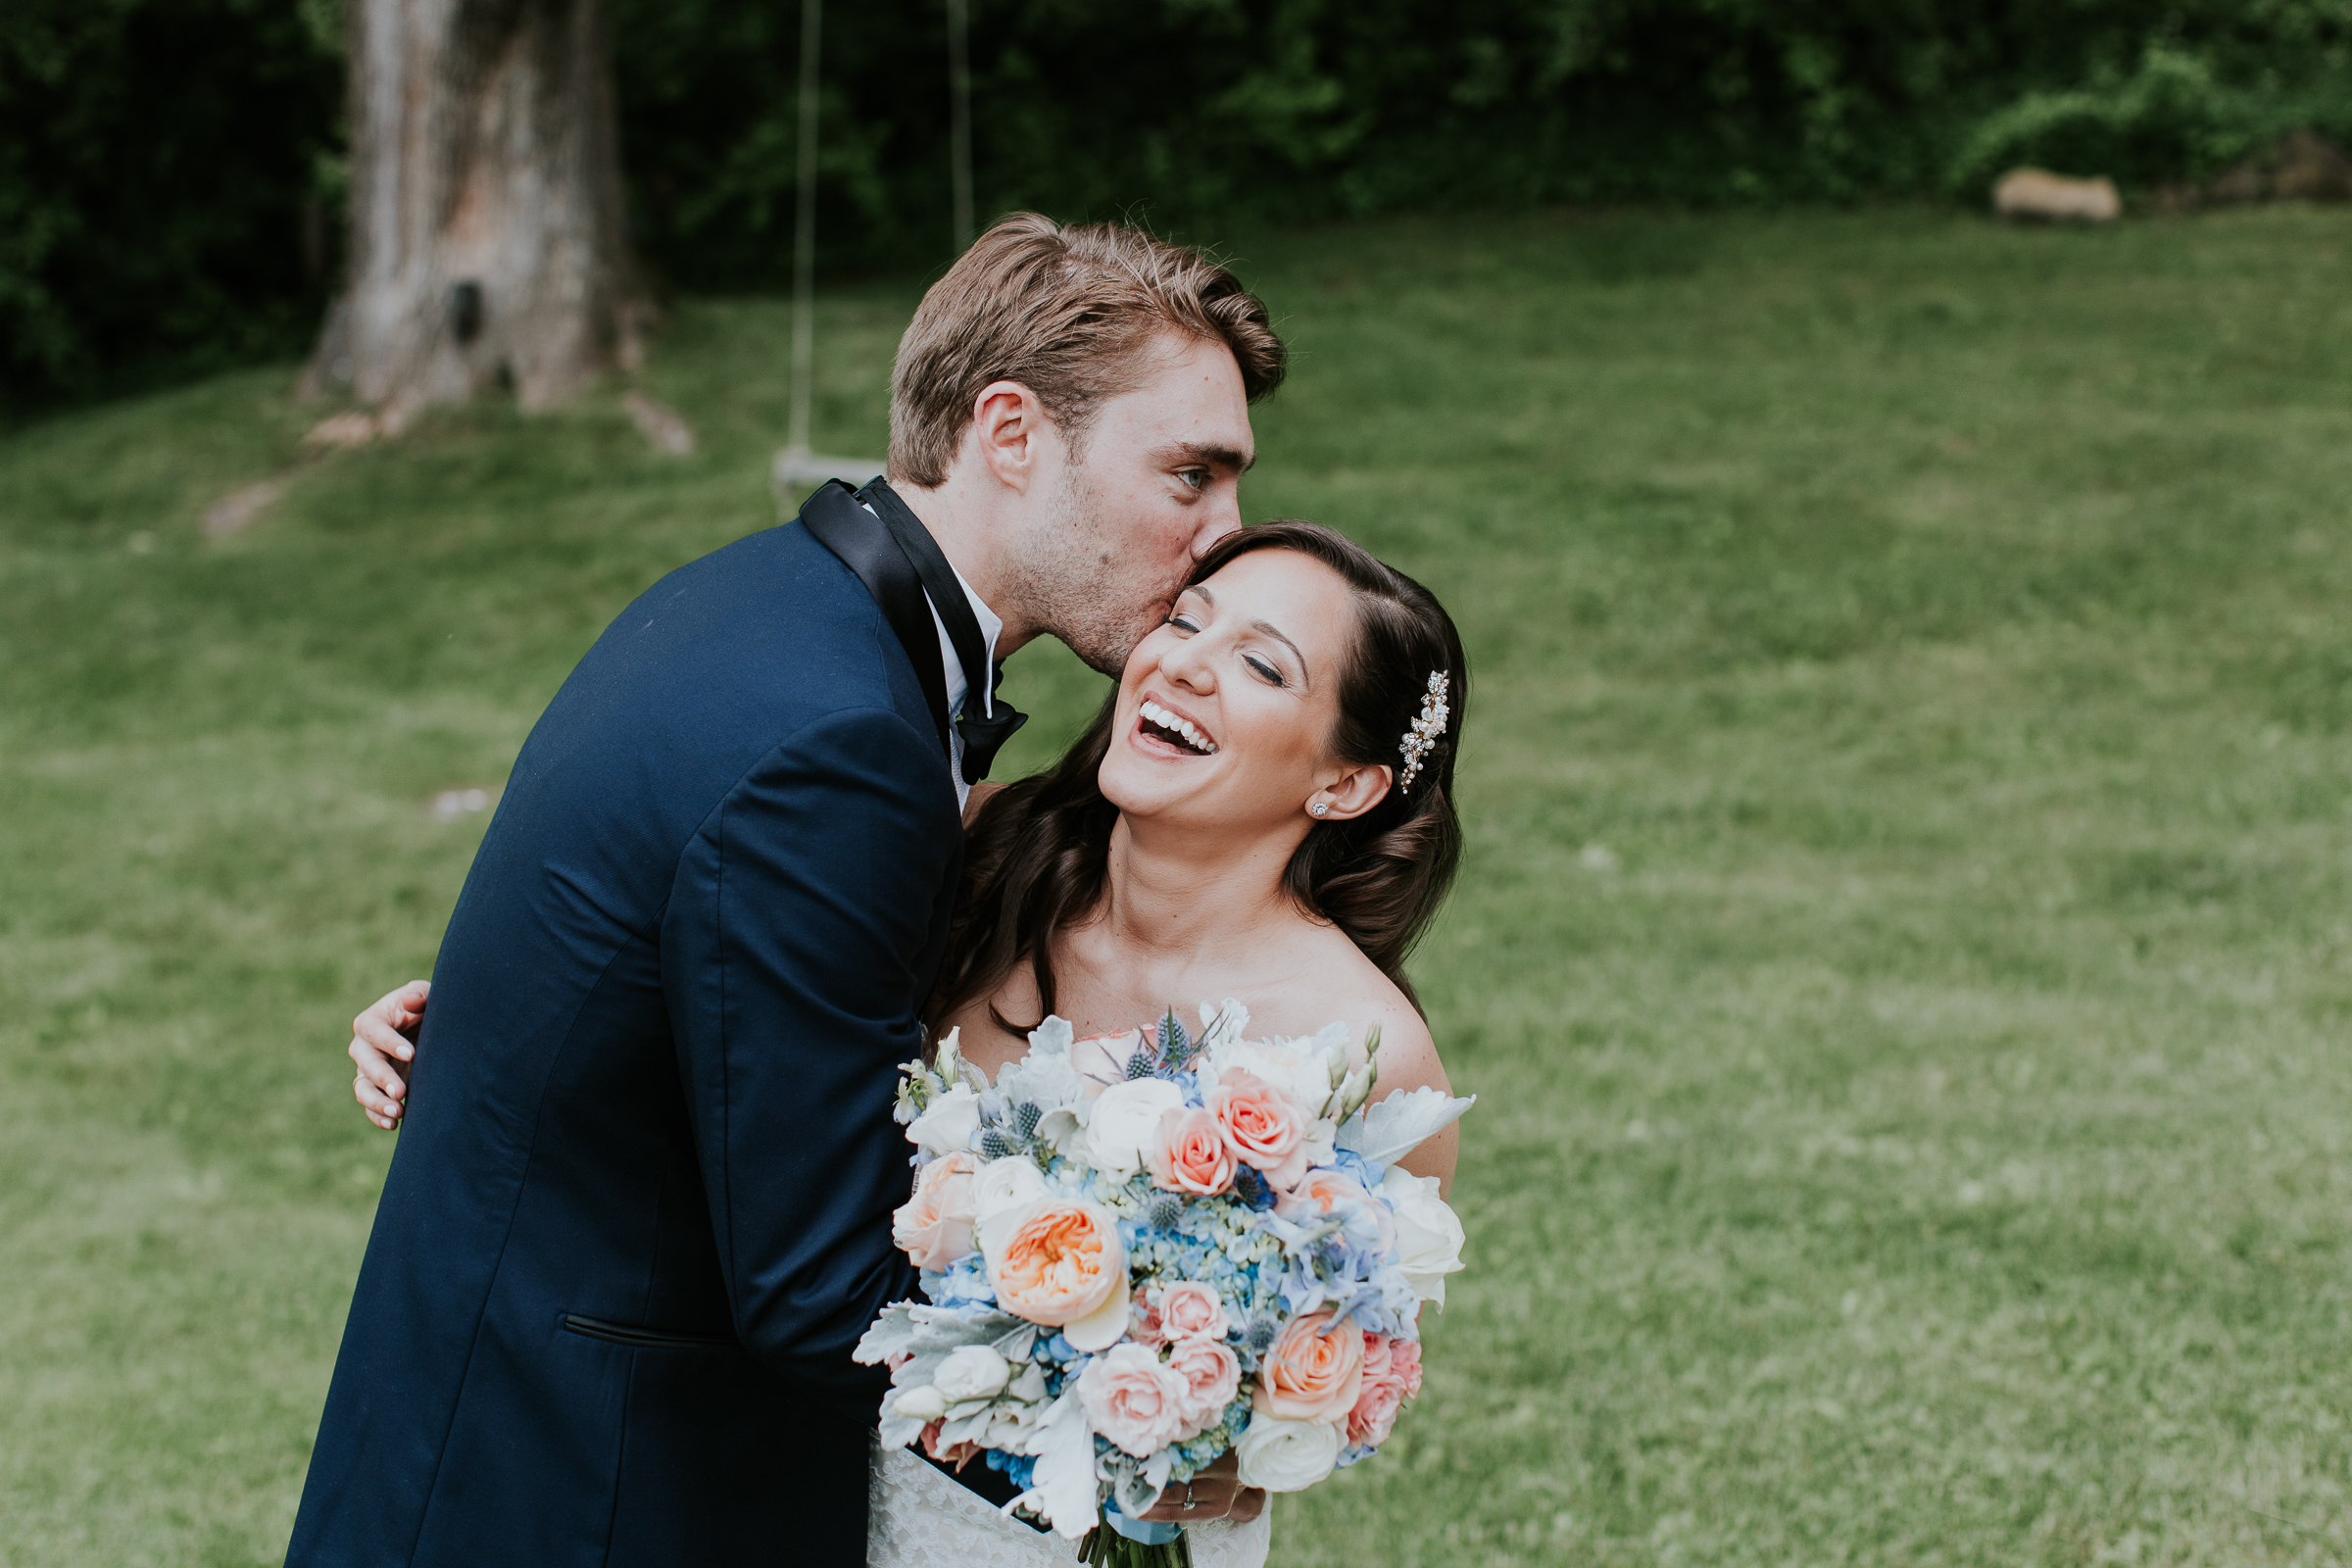 Crossed-Keys-Estate-Andover-NJ-Fine-Art-Documentary-Wedding-Photographer-58.jpg